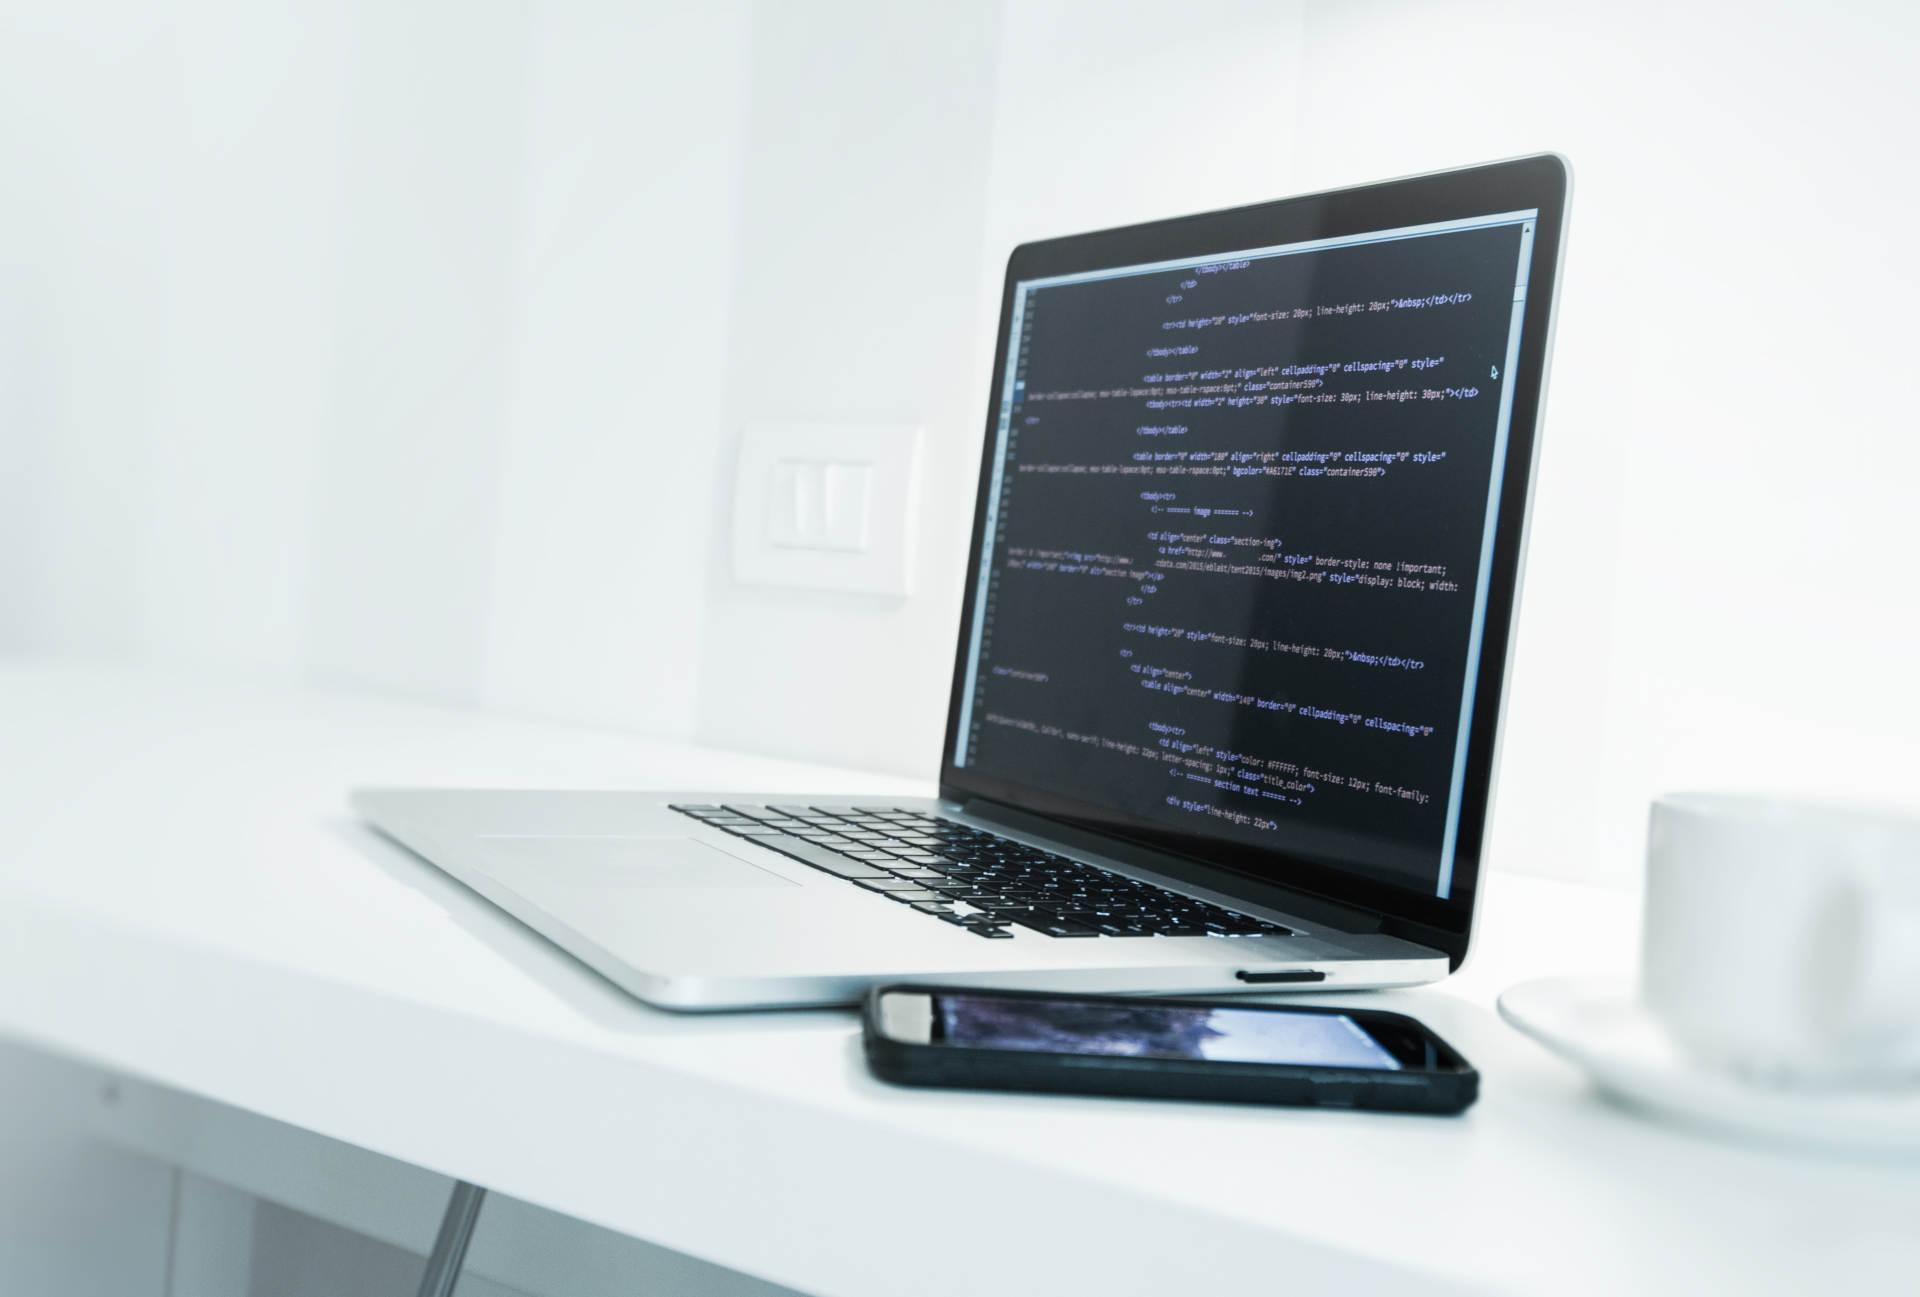 Die besten Laptops für die Programmierung im Jahr 2019